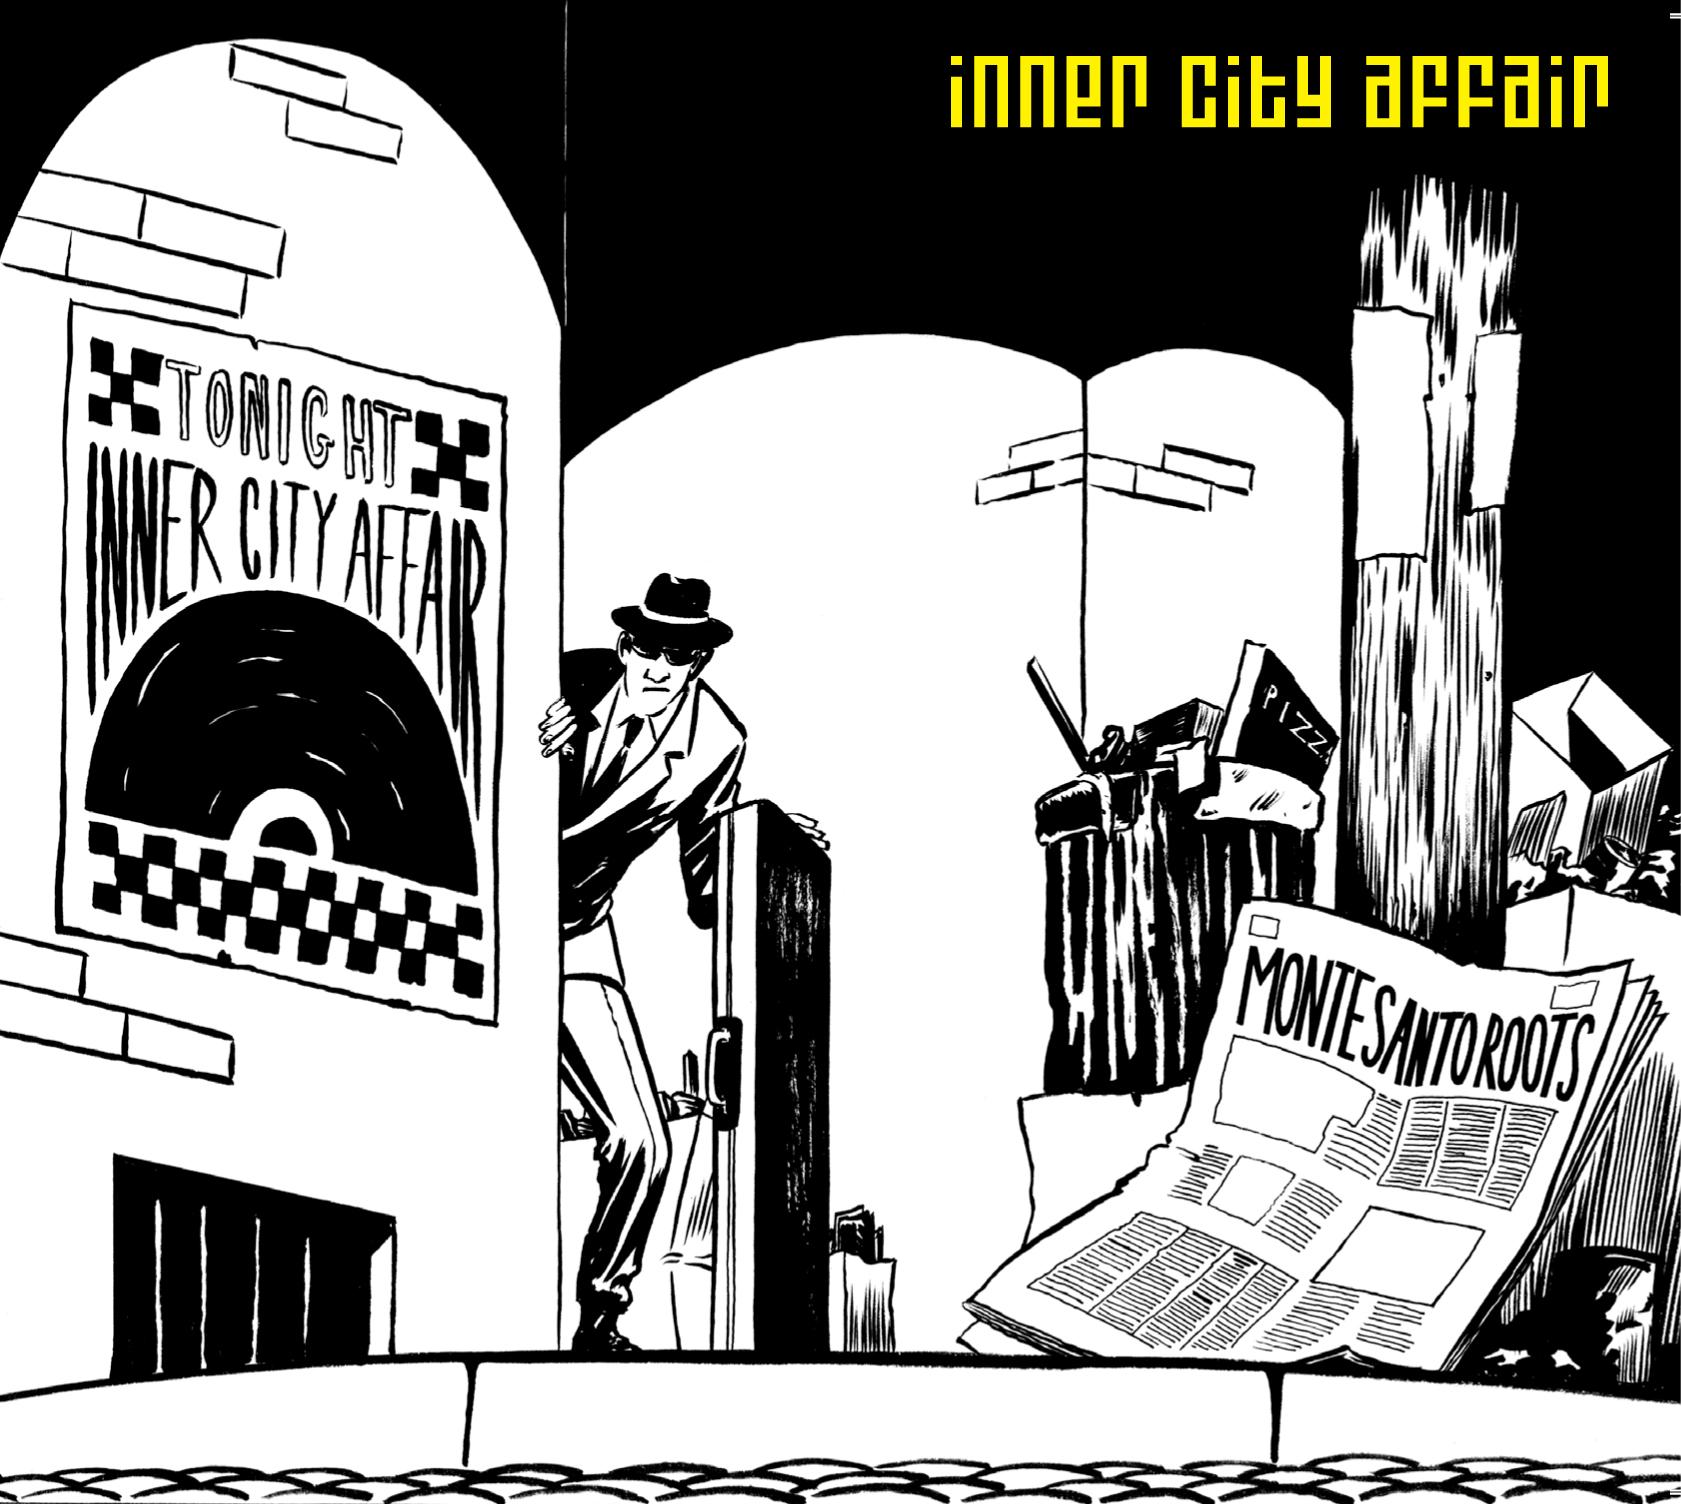 2013.07.22 - NMN 3 Inner City Affair